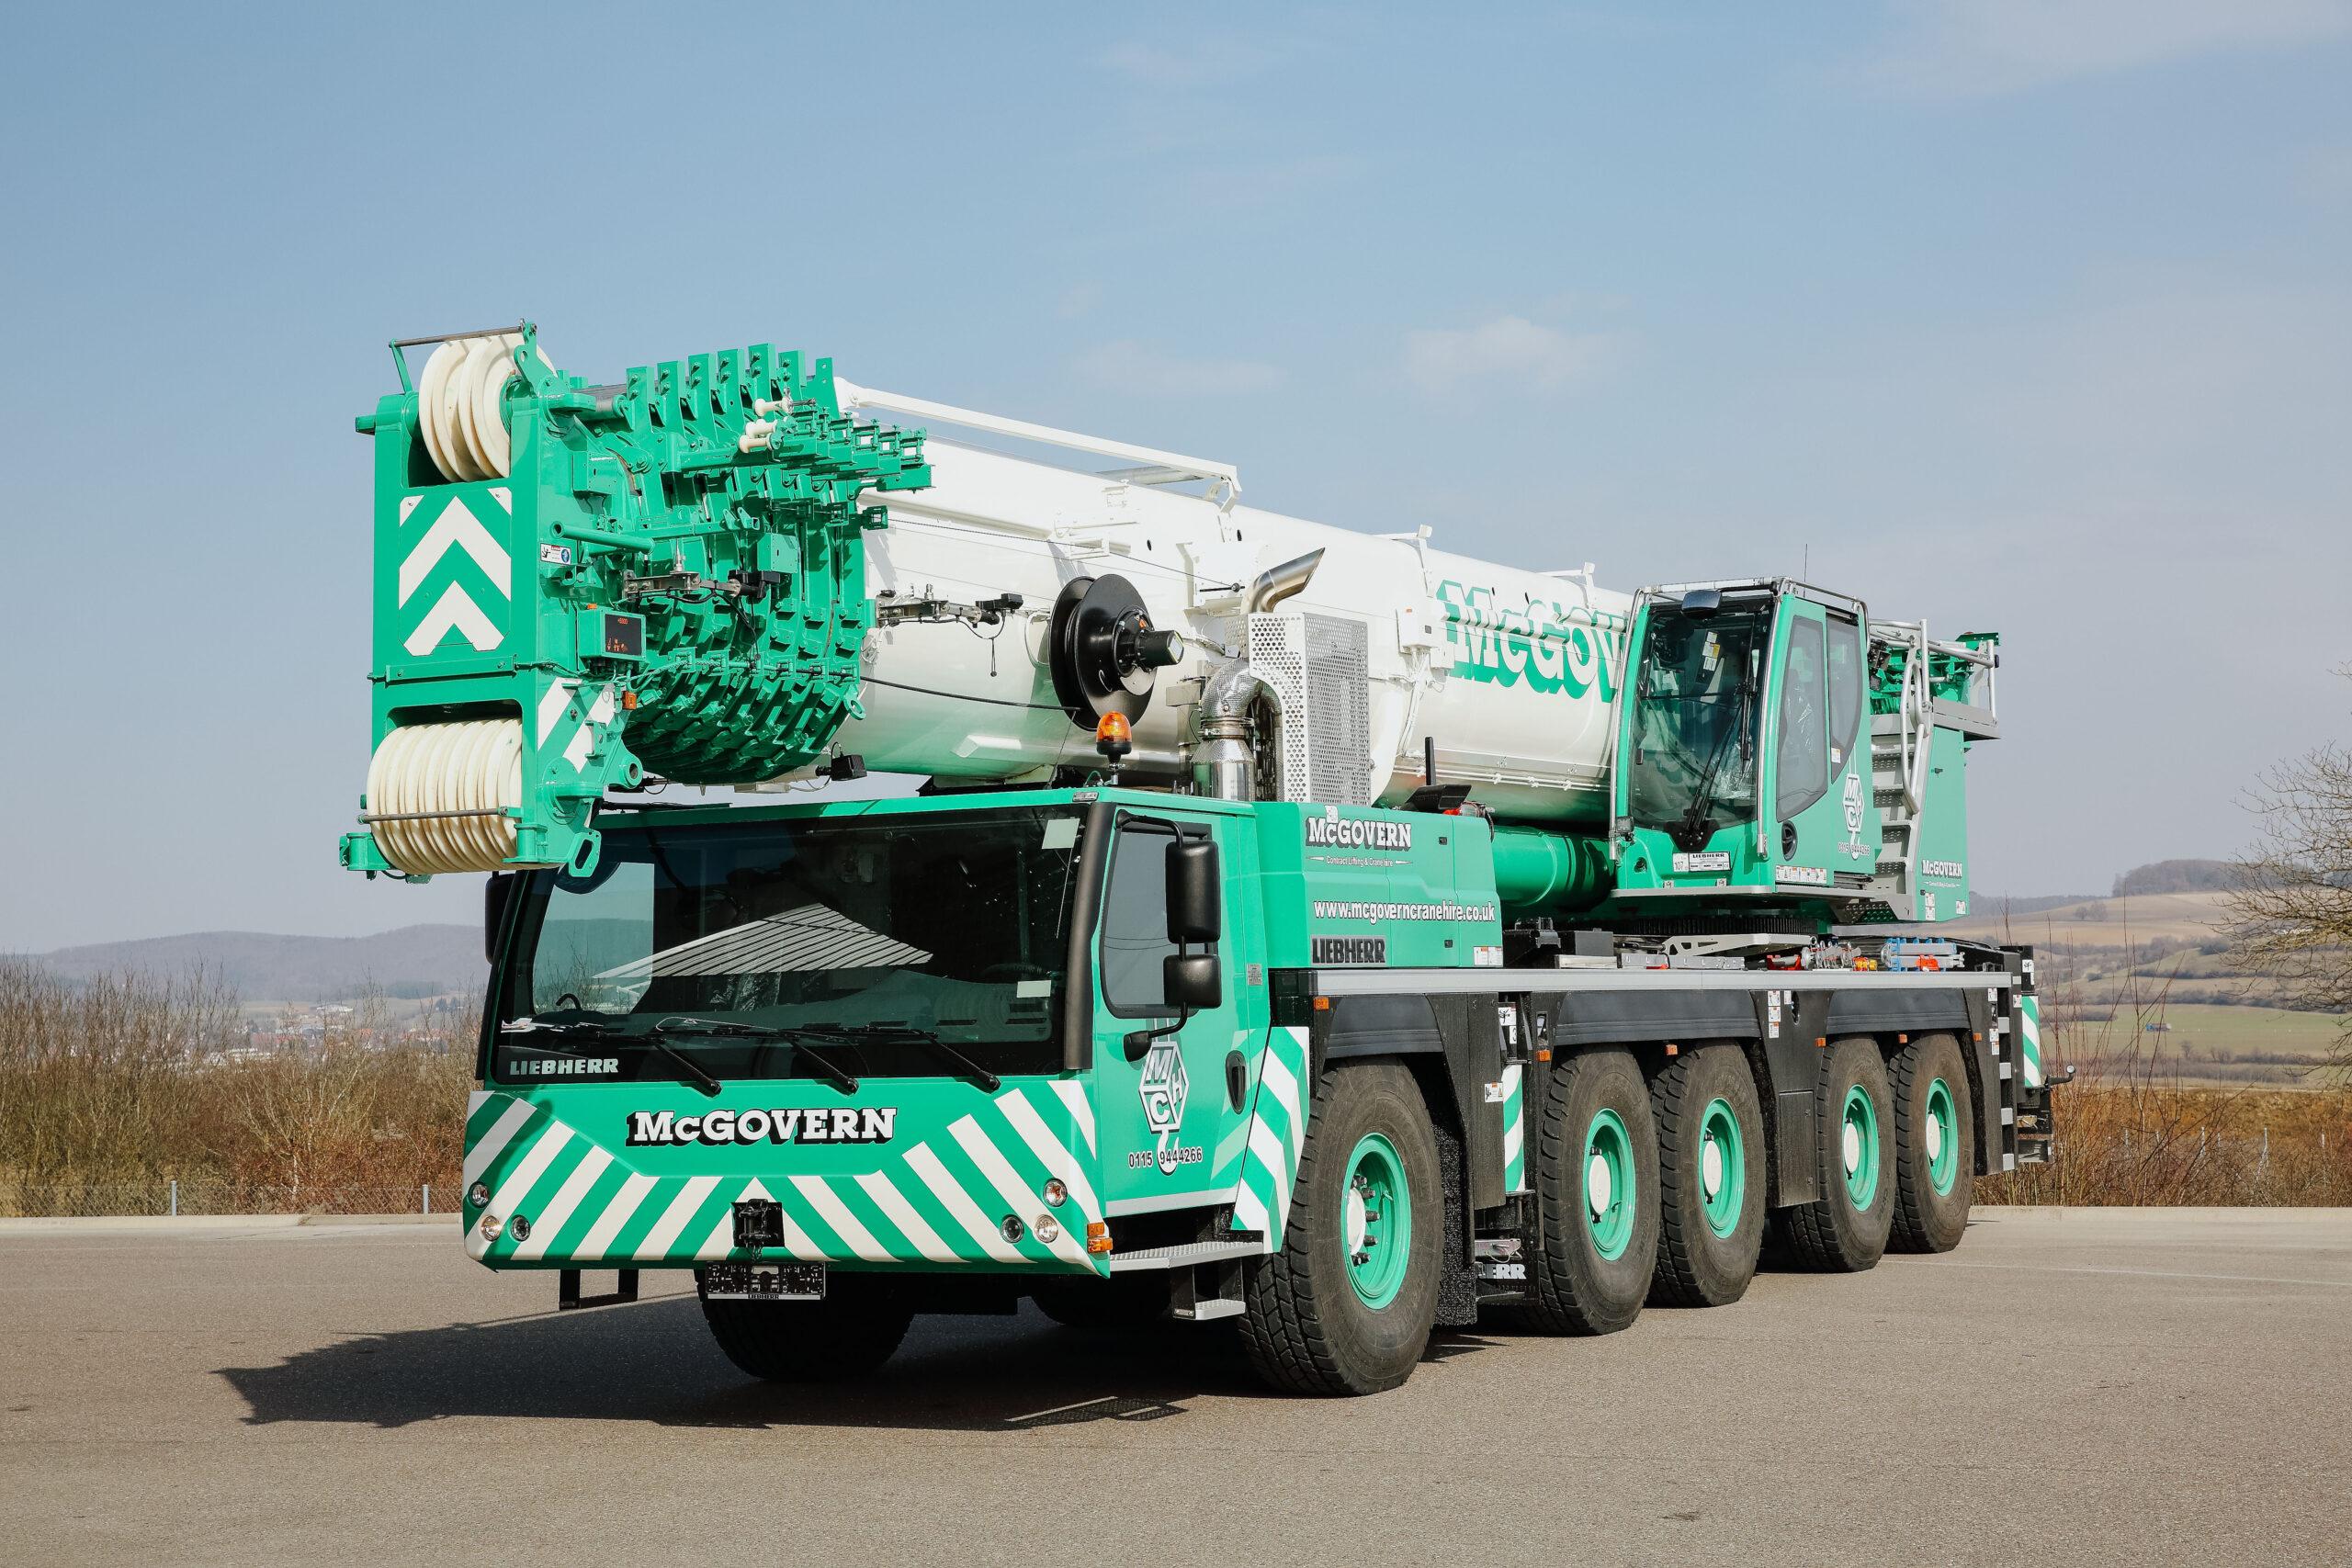 Crane of Truck